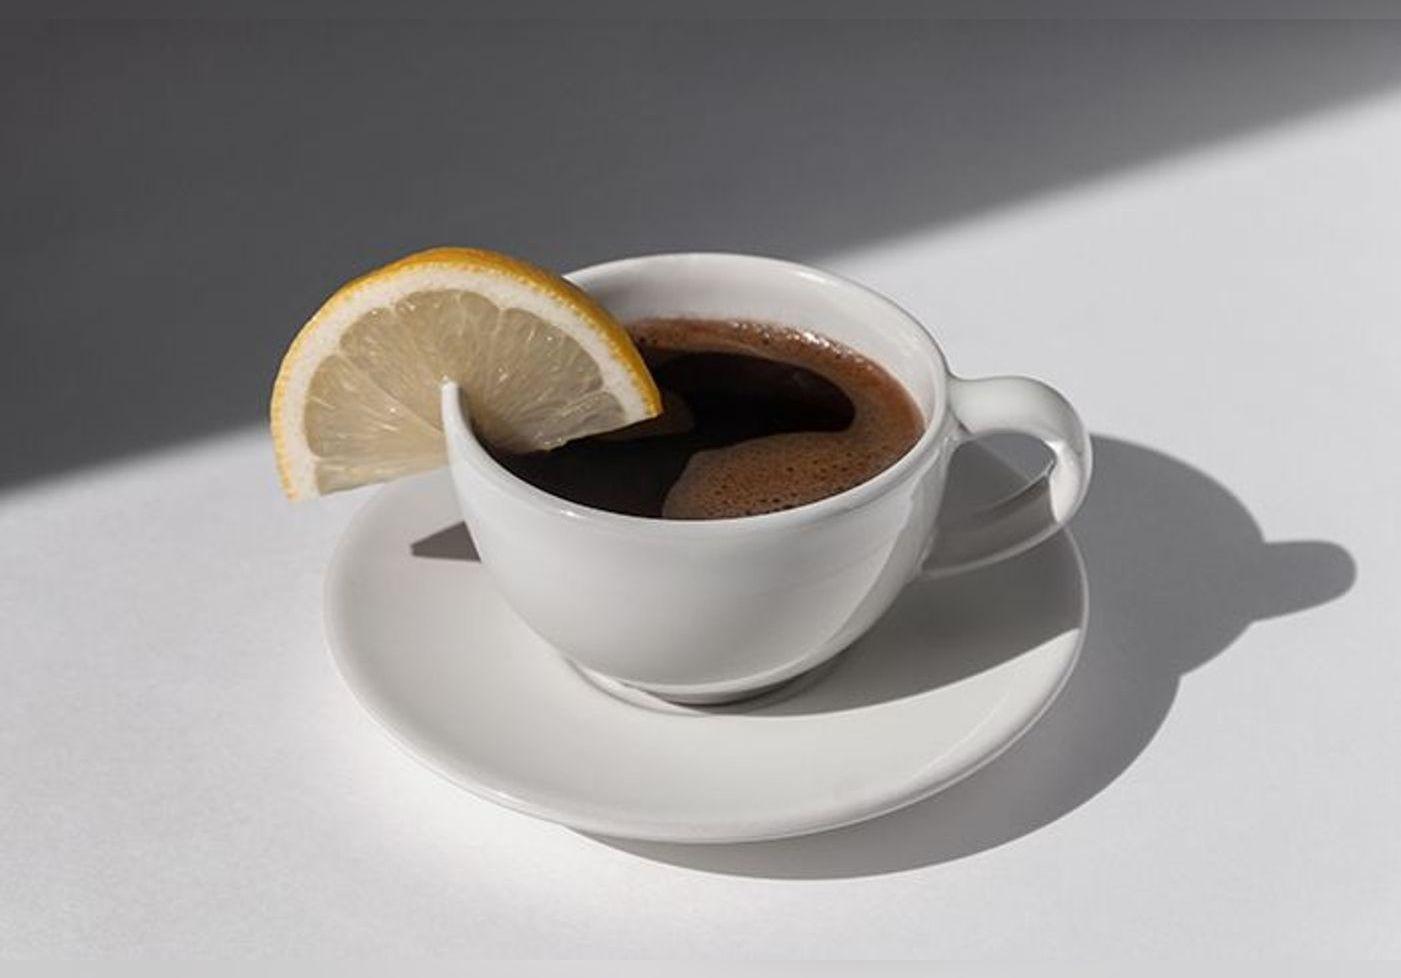 Mélanger du jus de citron et du café pour perdre du poids ? Cette boisson « miracle » crée le buzz et attire l'attention des scientifiques